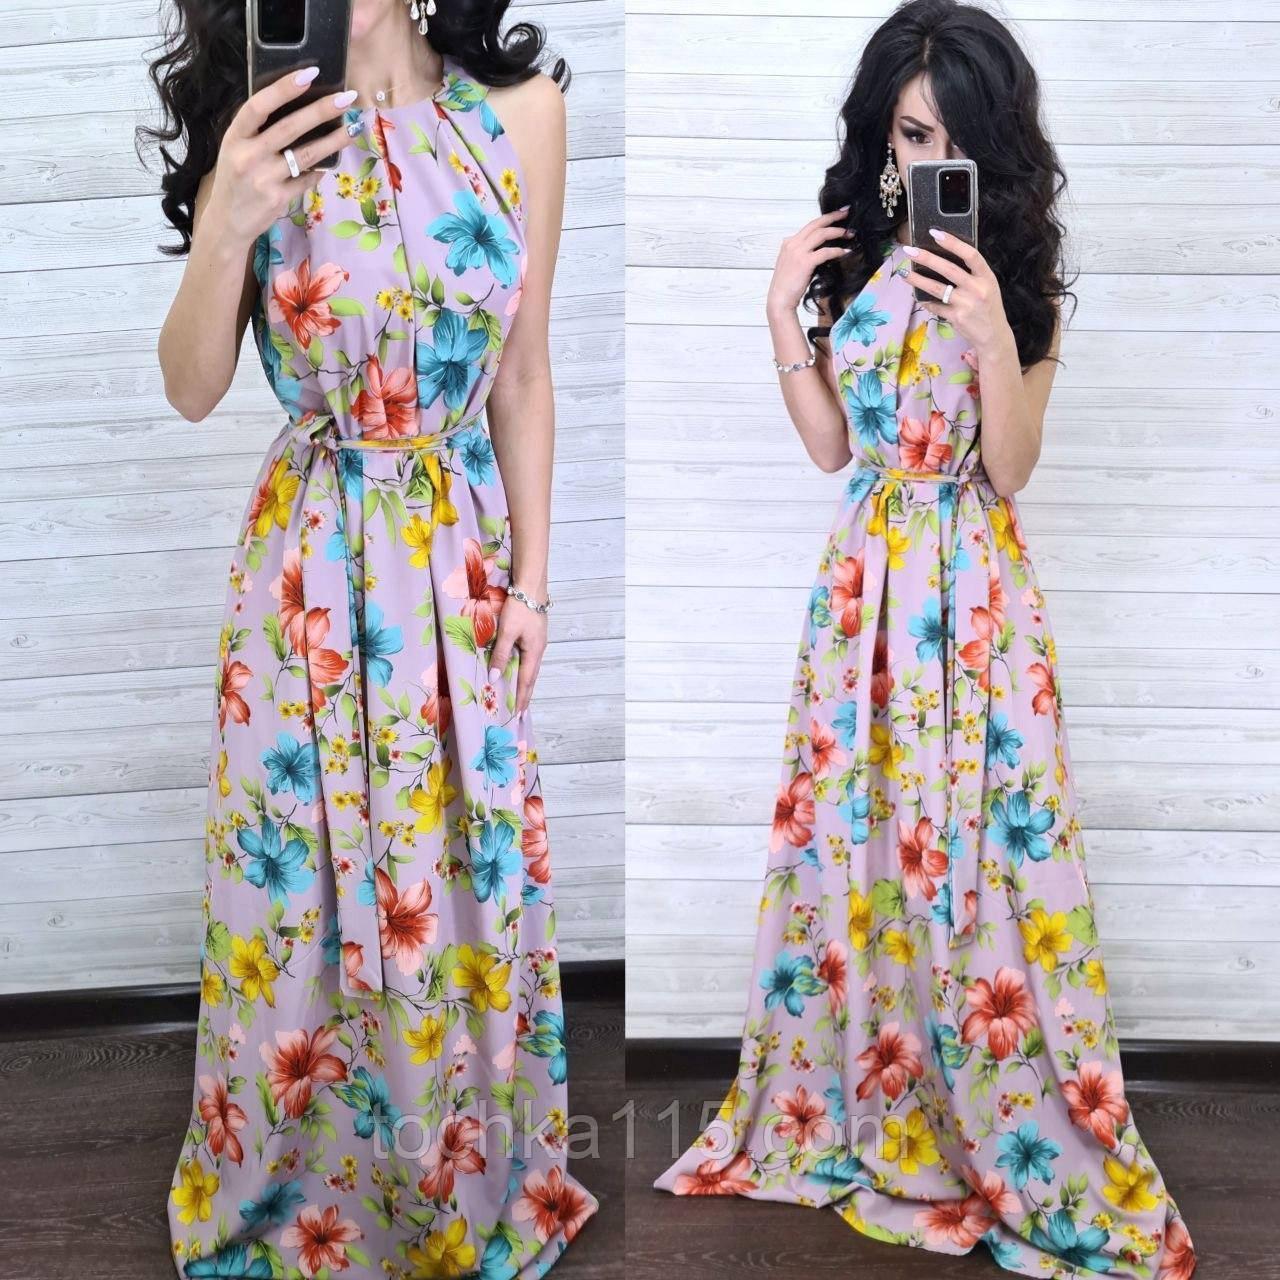 Стильное платье, ткань софт, 42-44, 46-48 рр, цвет сирень принт цветок